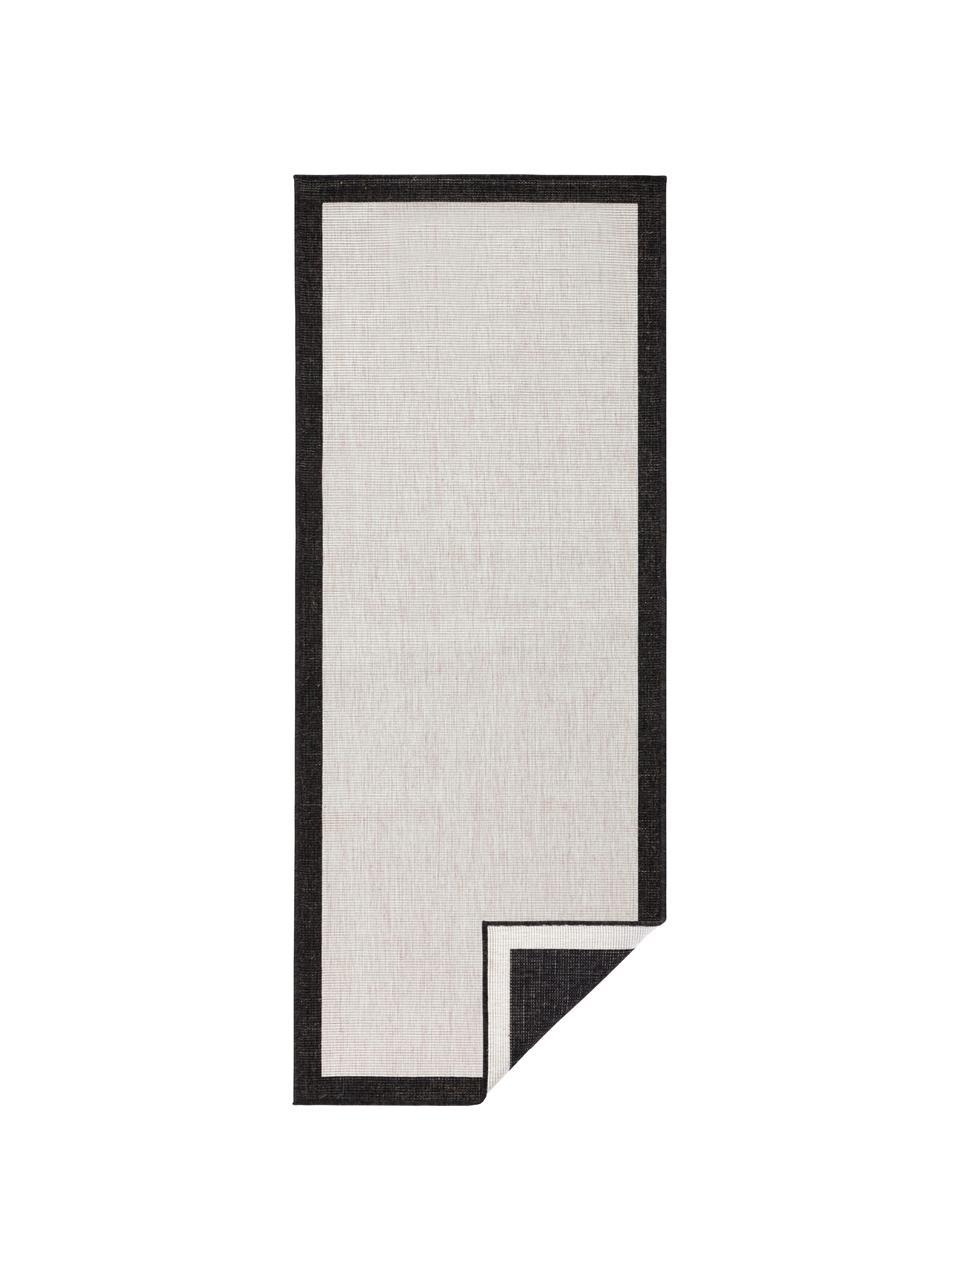 In- und Outdoor-Wendeläufer Panama in Schwarz/Creme, 100% Polypropylen, Schwarz, Cremefarben, 80 x 250 cm